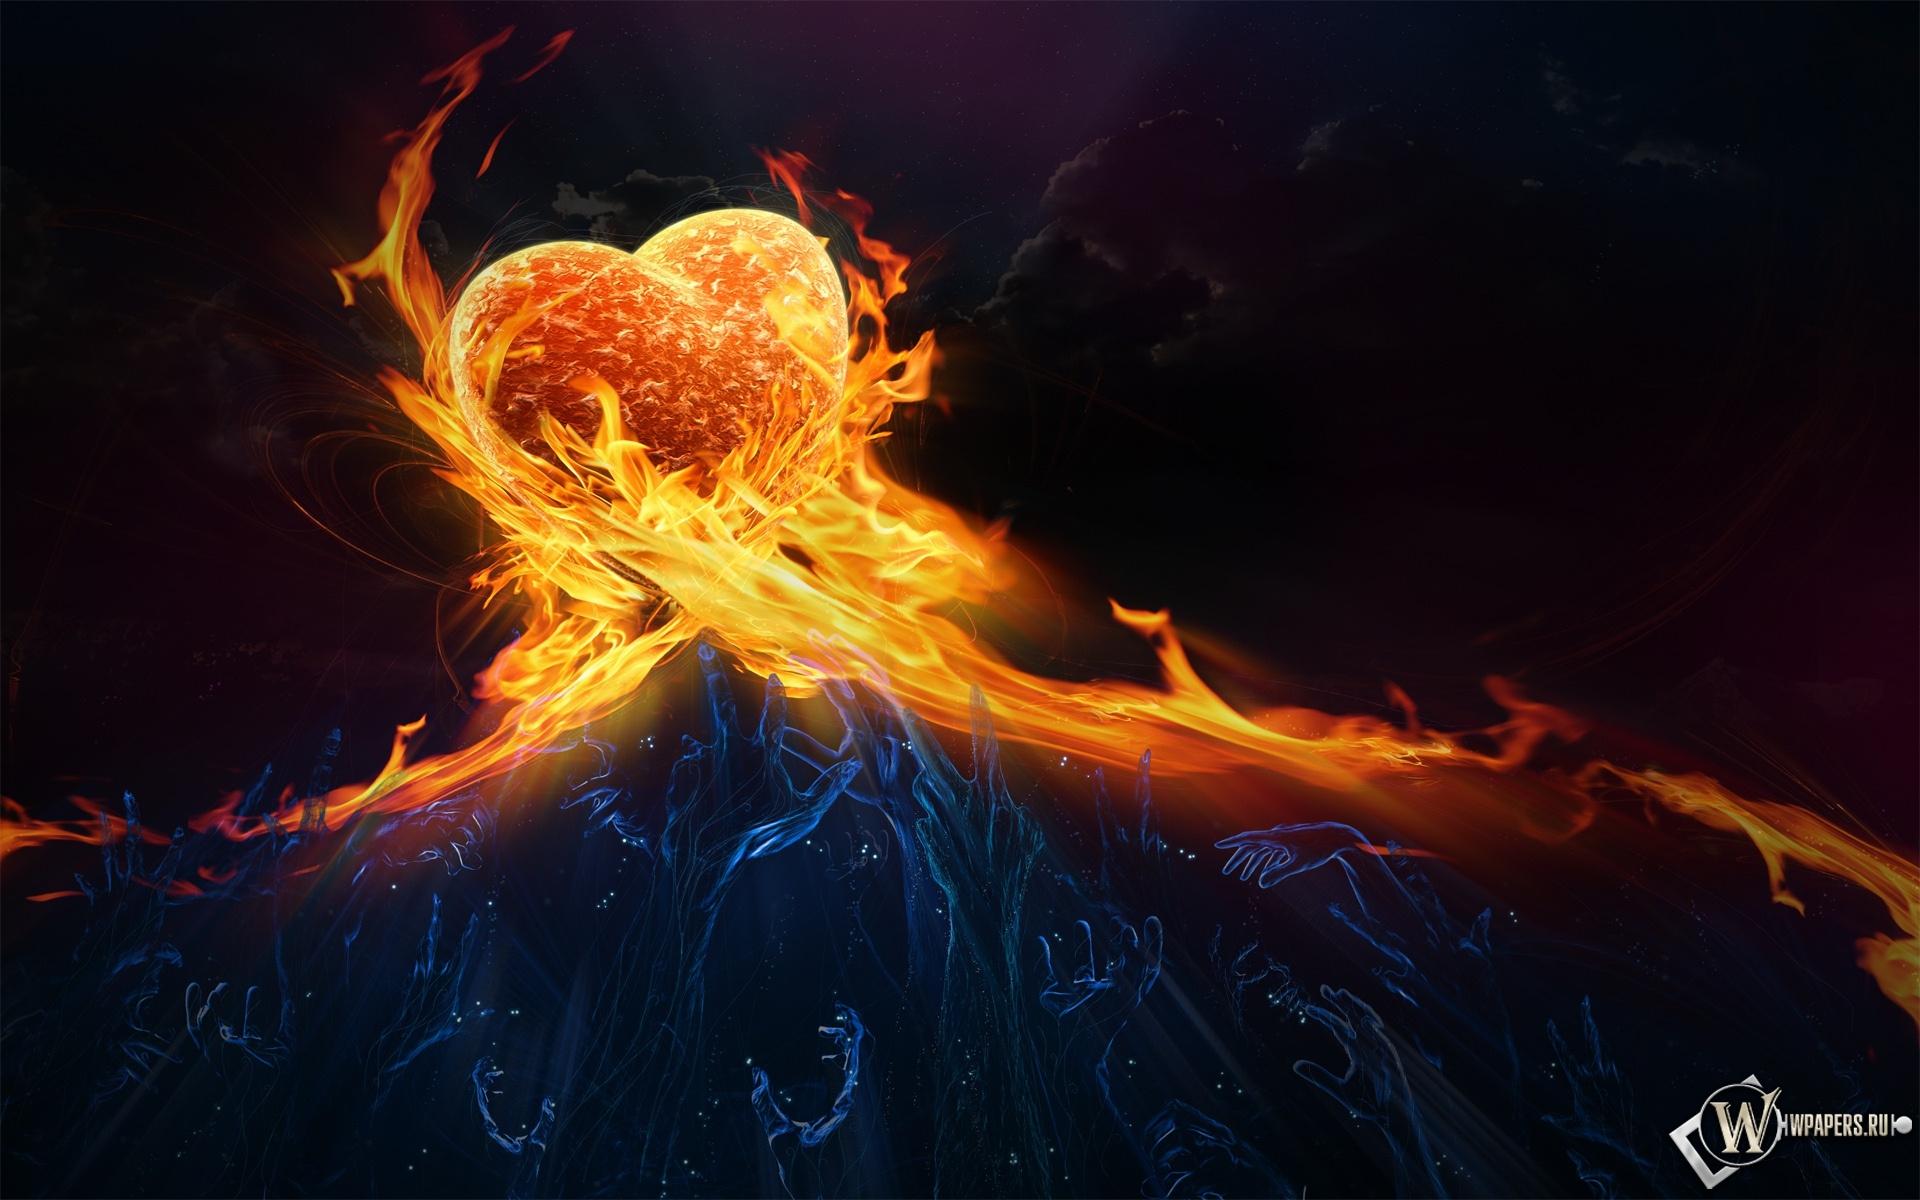 Сердце в огне 1920x1200